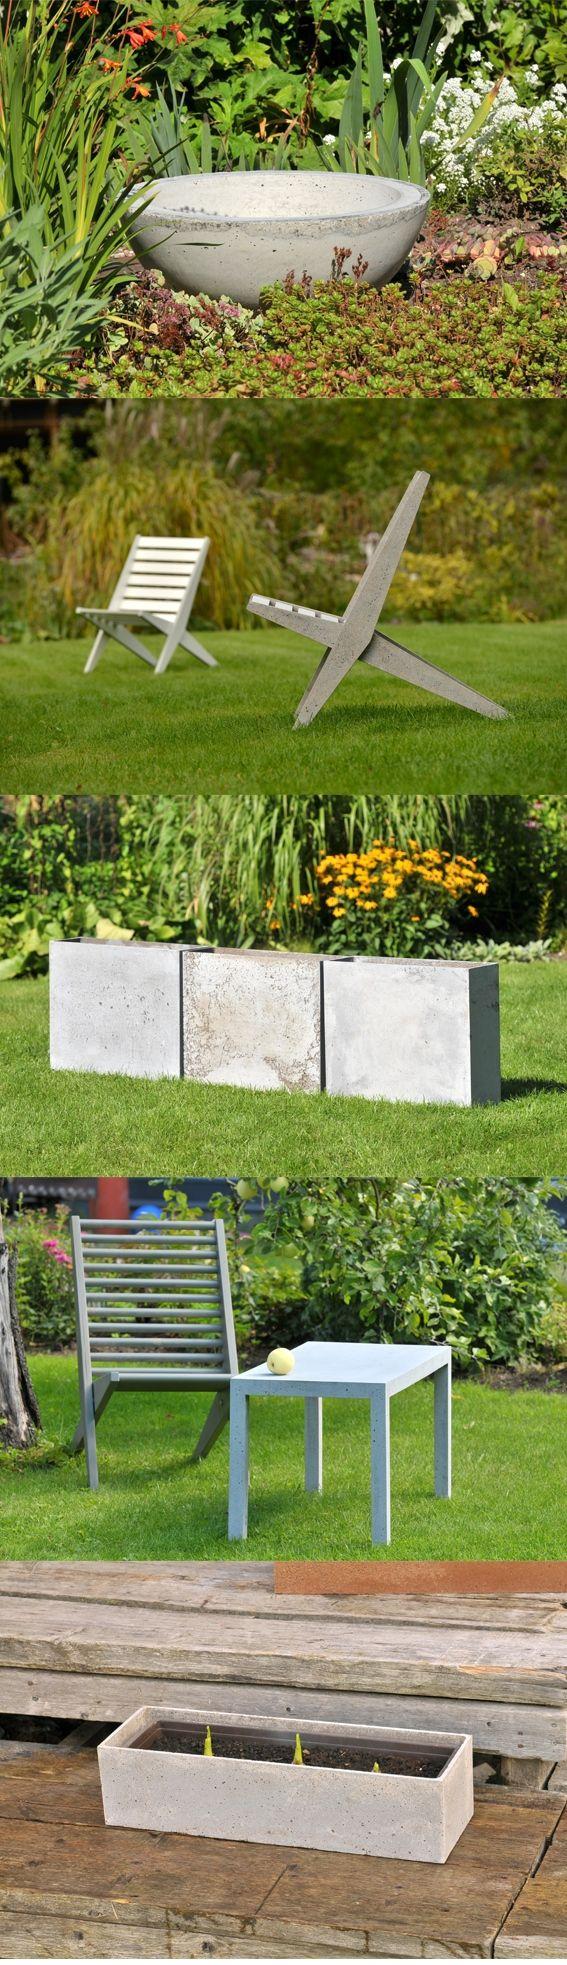 TRU LATVIA designer FLO - concrete outdoor furniture http://truelatvia.lv/en/true-ziimoli-452721/flo-en